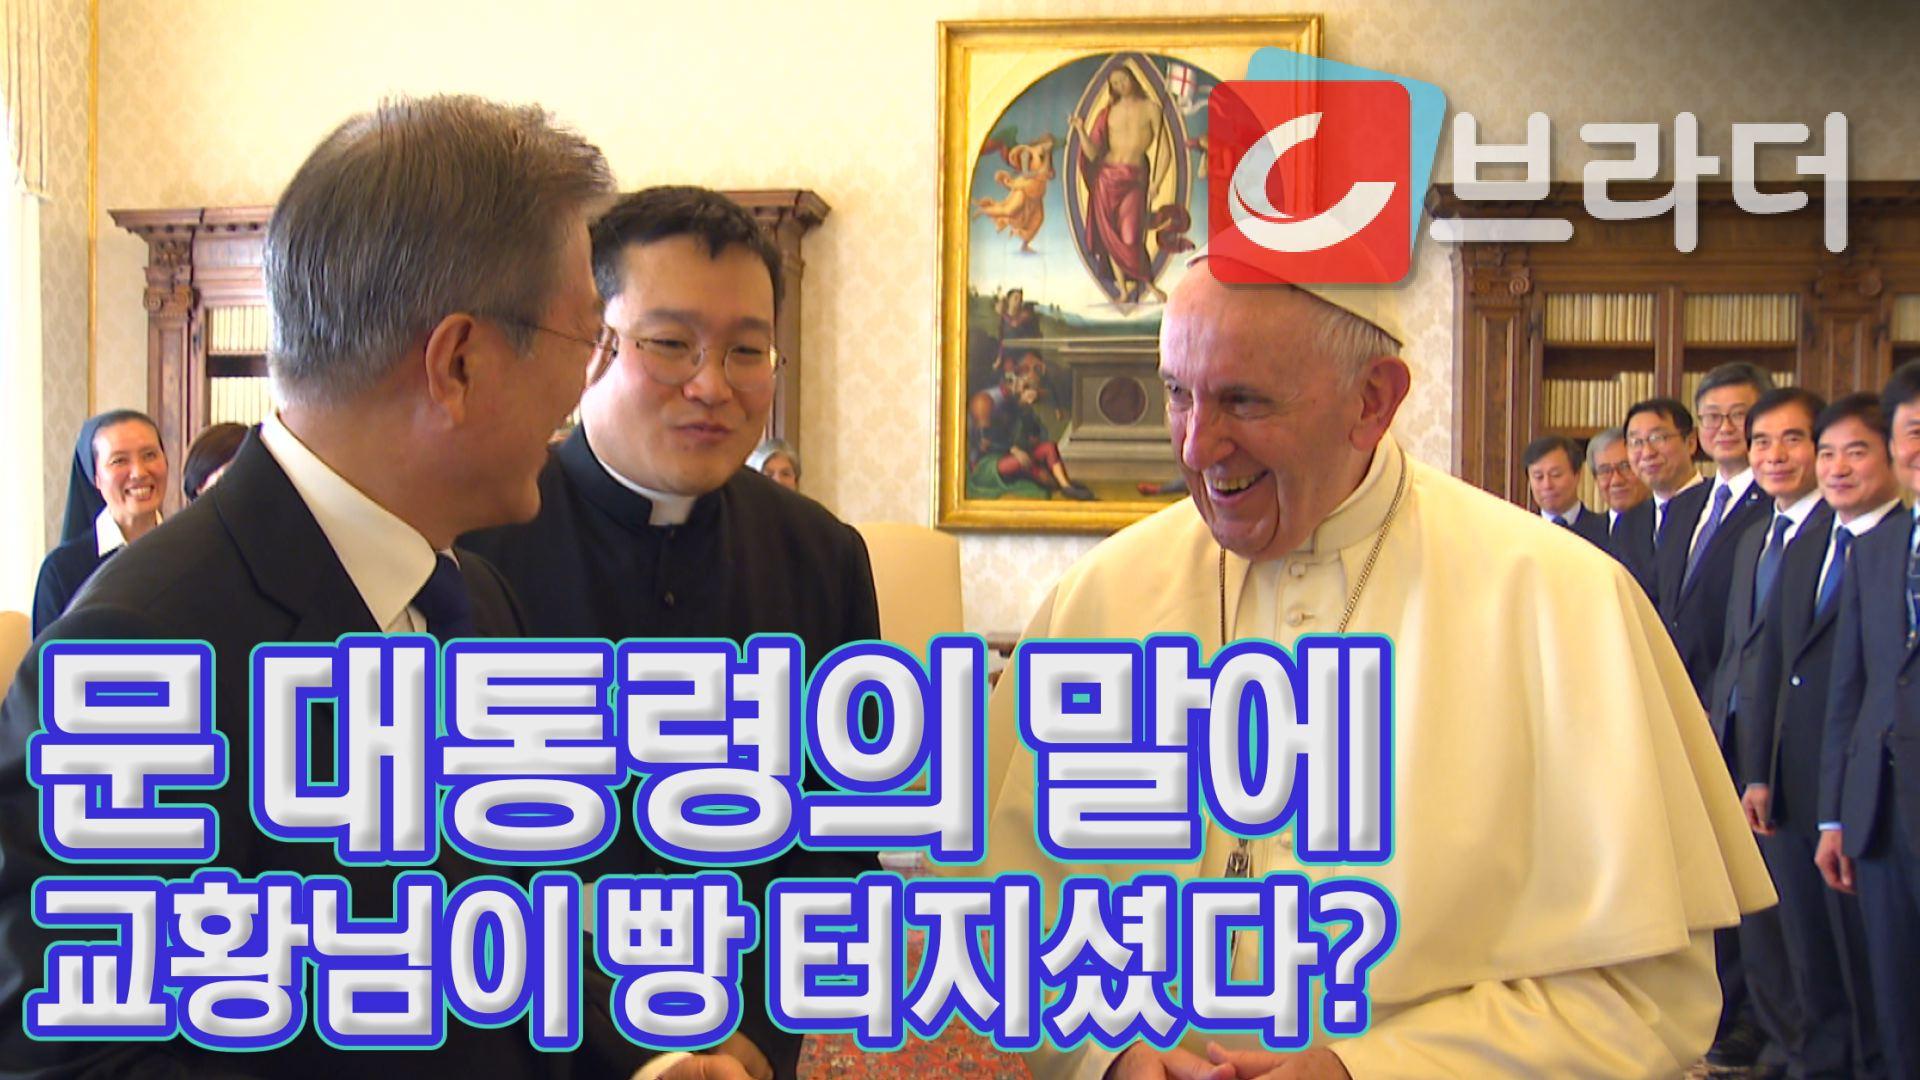 교황이빵터진이유는?문재인대통령,프란치스코교황면담'놓칠수없는순간'[C..